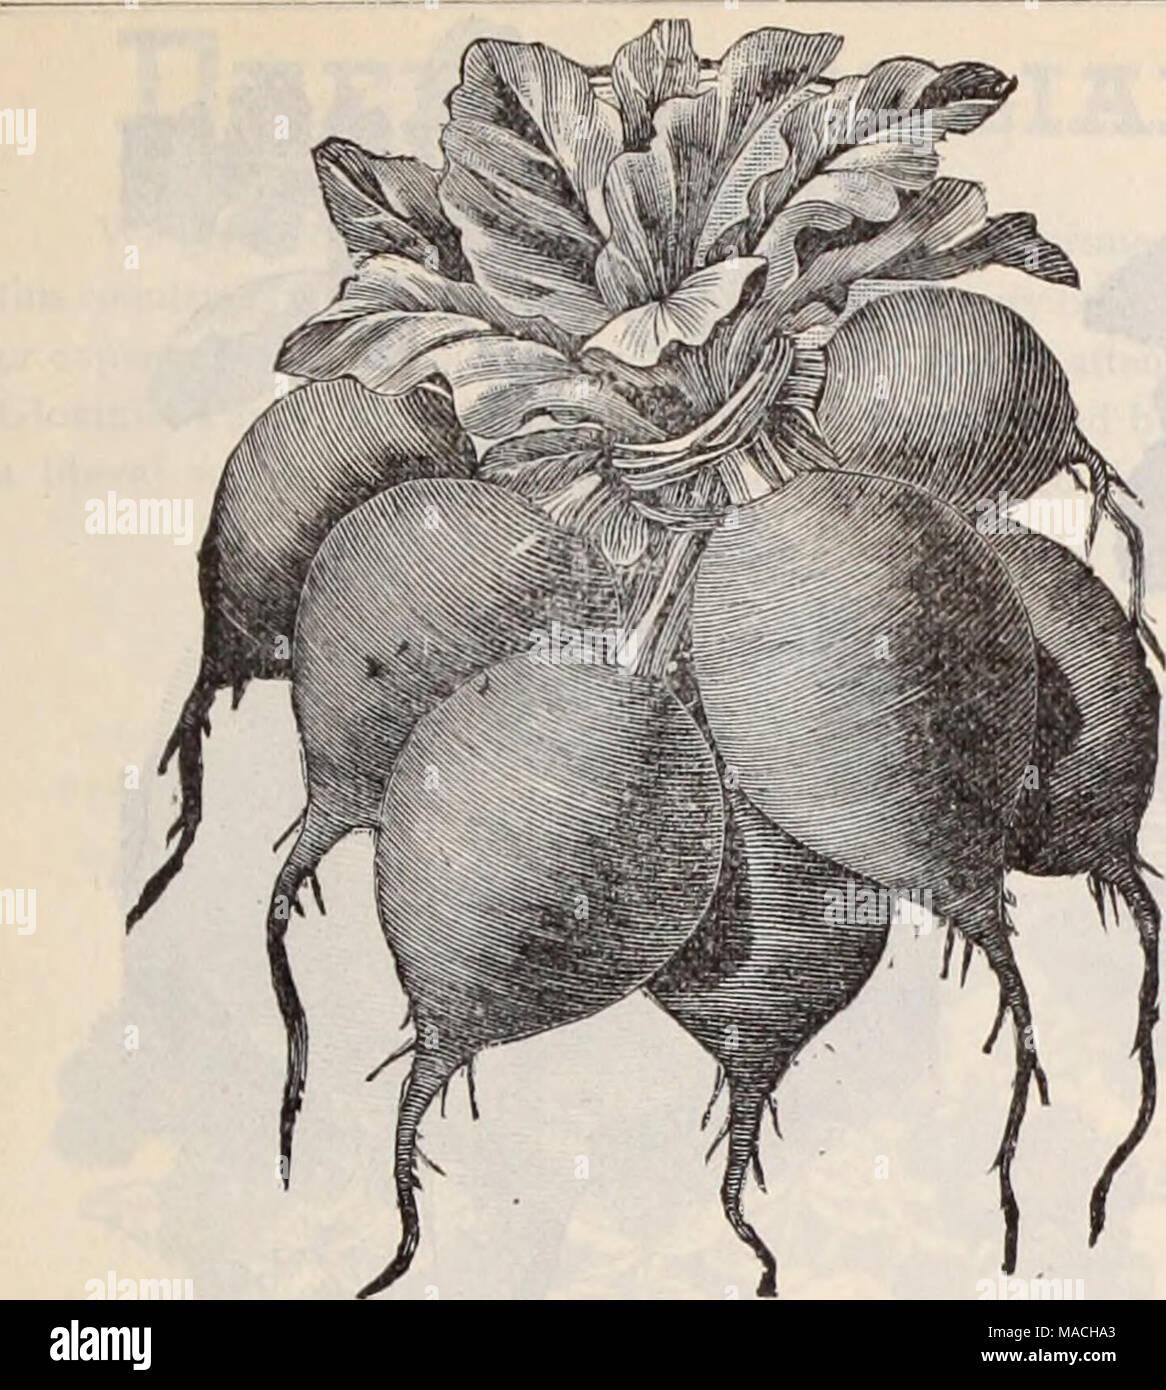 Early Scarlet Globe Imágenes De Stock & Early Scarlet Globe Fotos De ...